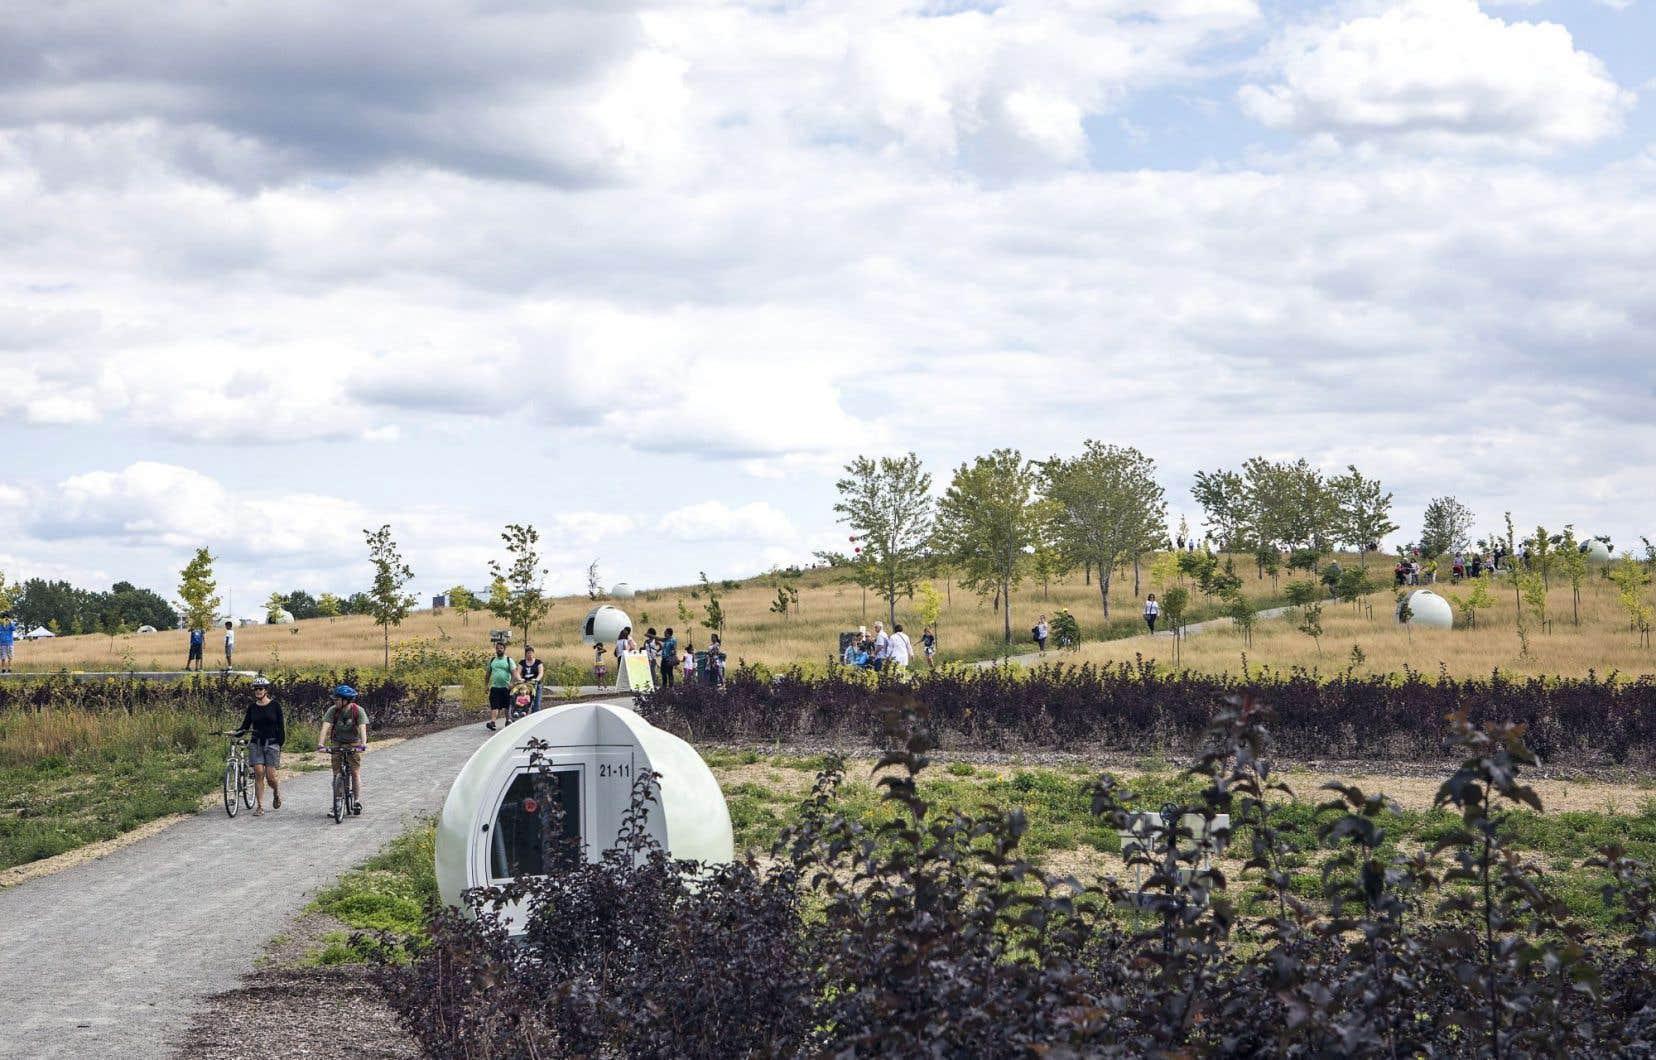 Les sphères dispersées sur le site du parc Frédéric-Back servent à protéger les puits de captation des biogaz qu'émettent les déchets enfouis.